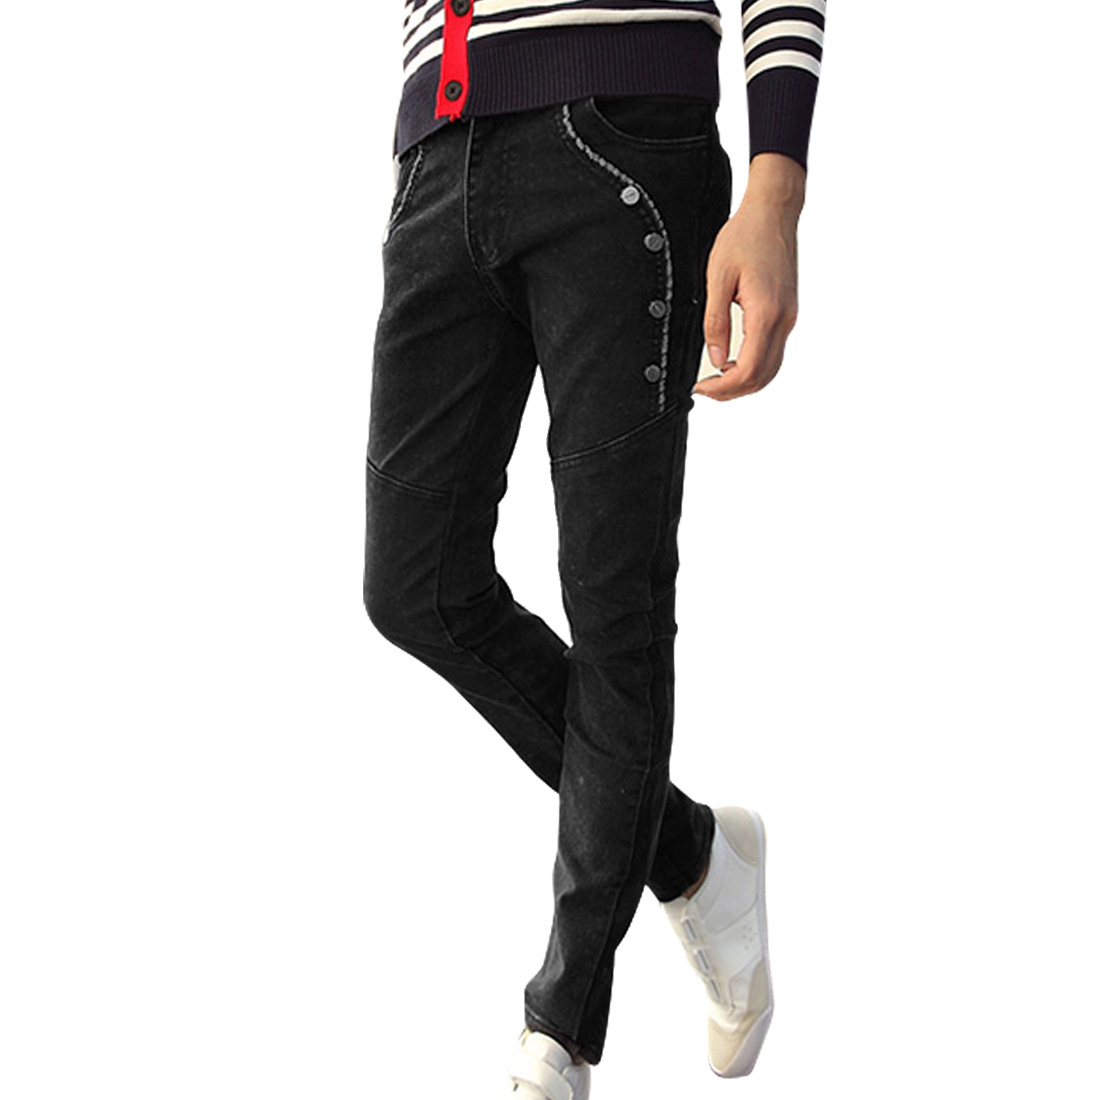 Men Button Decor Zip Closed Four Pocket Black Skinny Jeans Pants W31